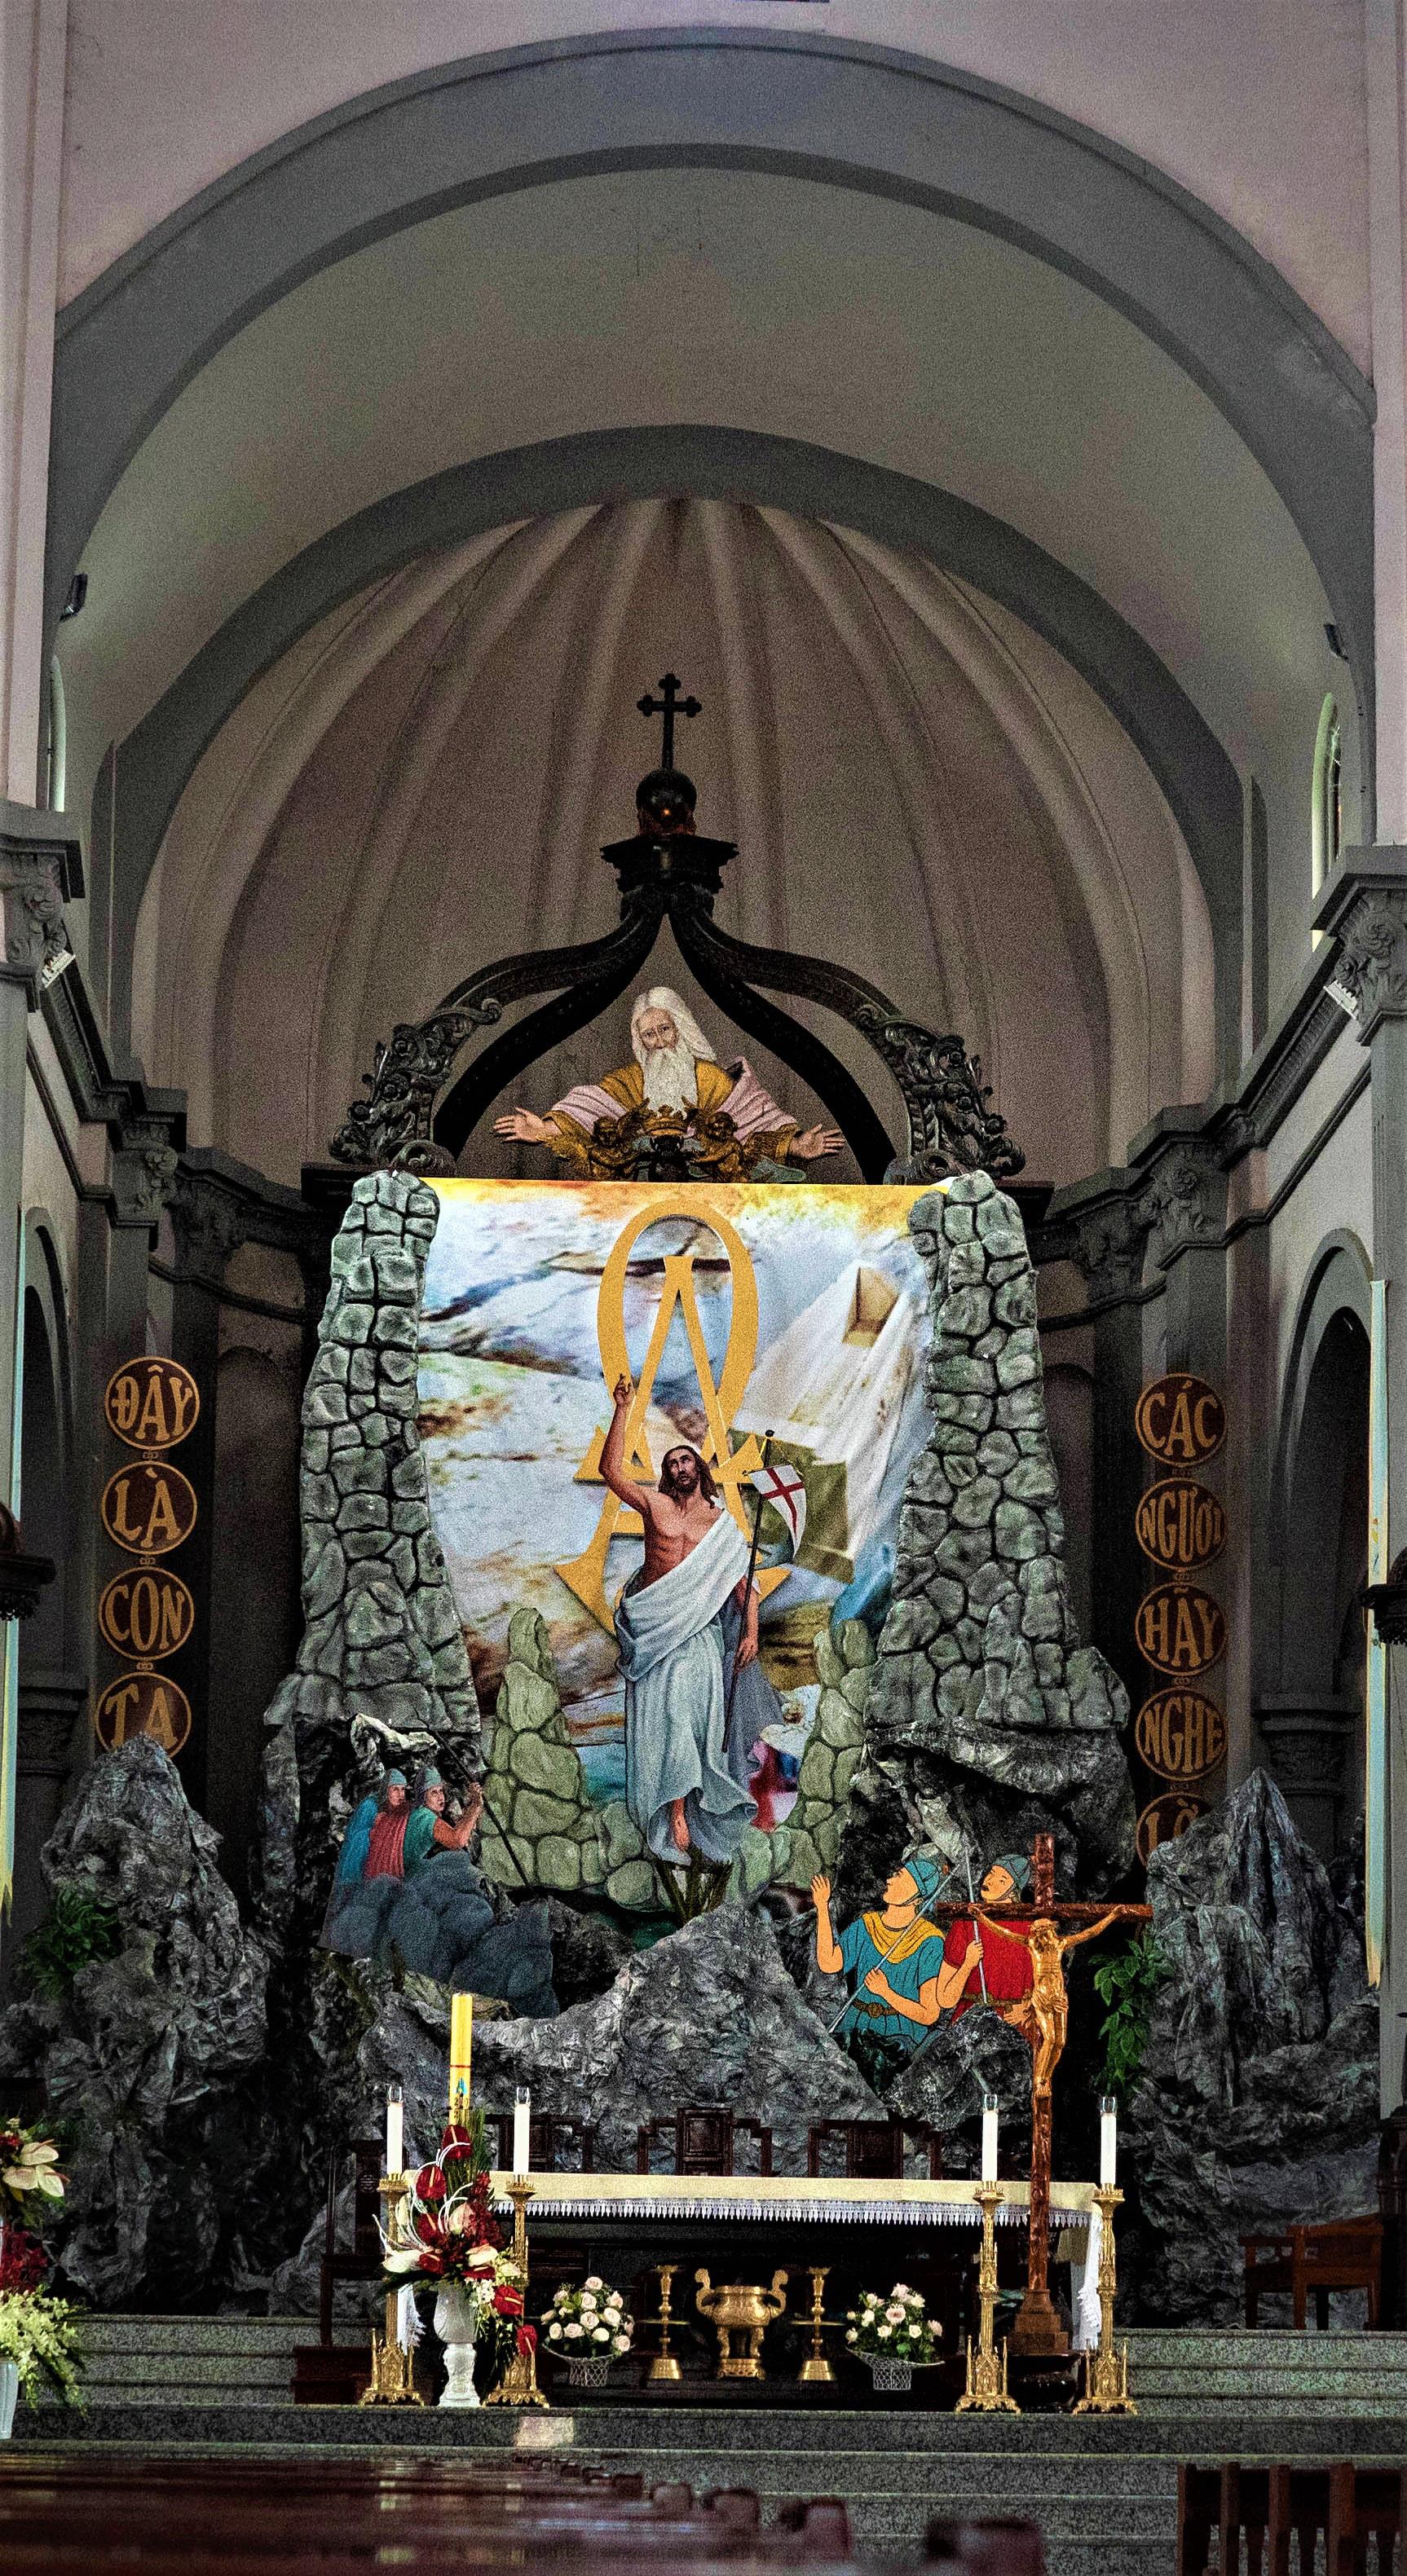 Về thăm nhà thờ Khoái Đồng, nơi thờ hiện thân của ông già Noel - Ảnh 13.